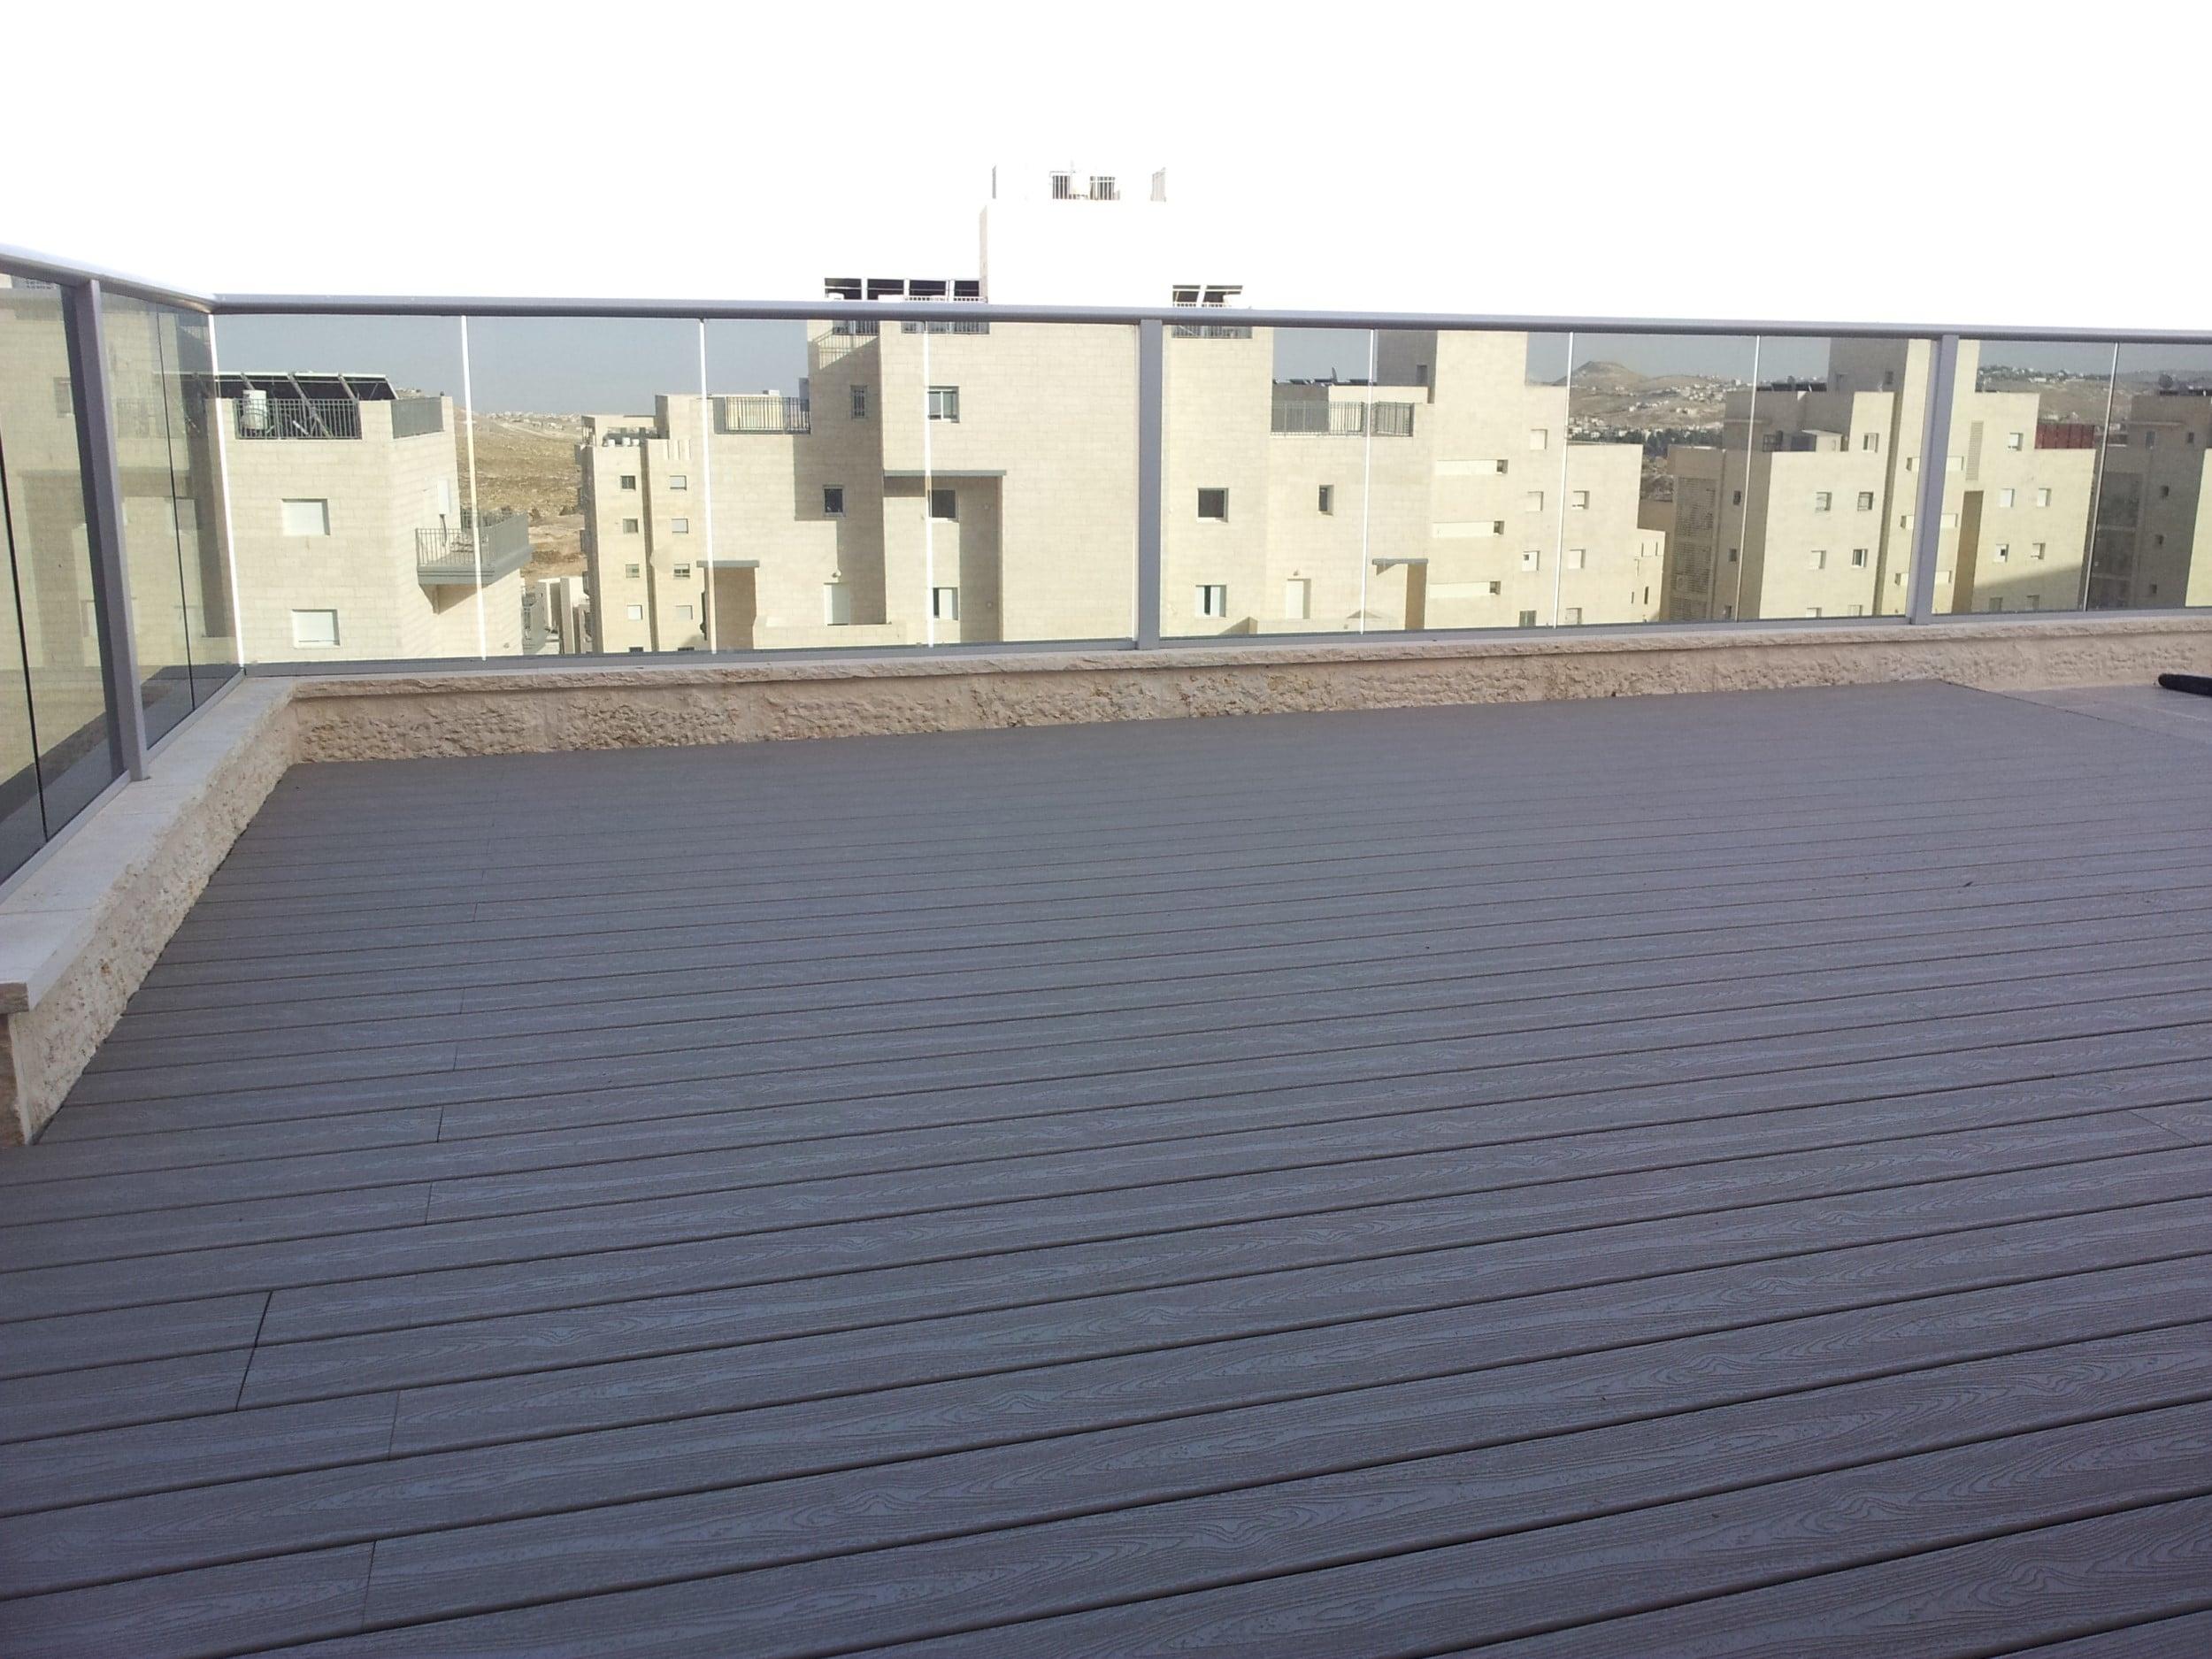 דק סינטטי, דק למרפסת בדירה במודיעין - חברת TREX מומחים בייצור דקים סינטטיים לגינה, דק לבריכה, דק לחצר, דק למרפסת וסוגי דק סינטטי שונים בגוונים שונים ובמרקמים שונים